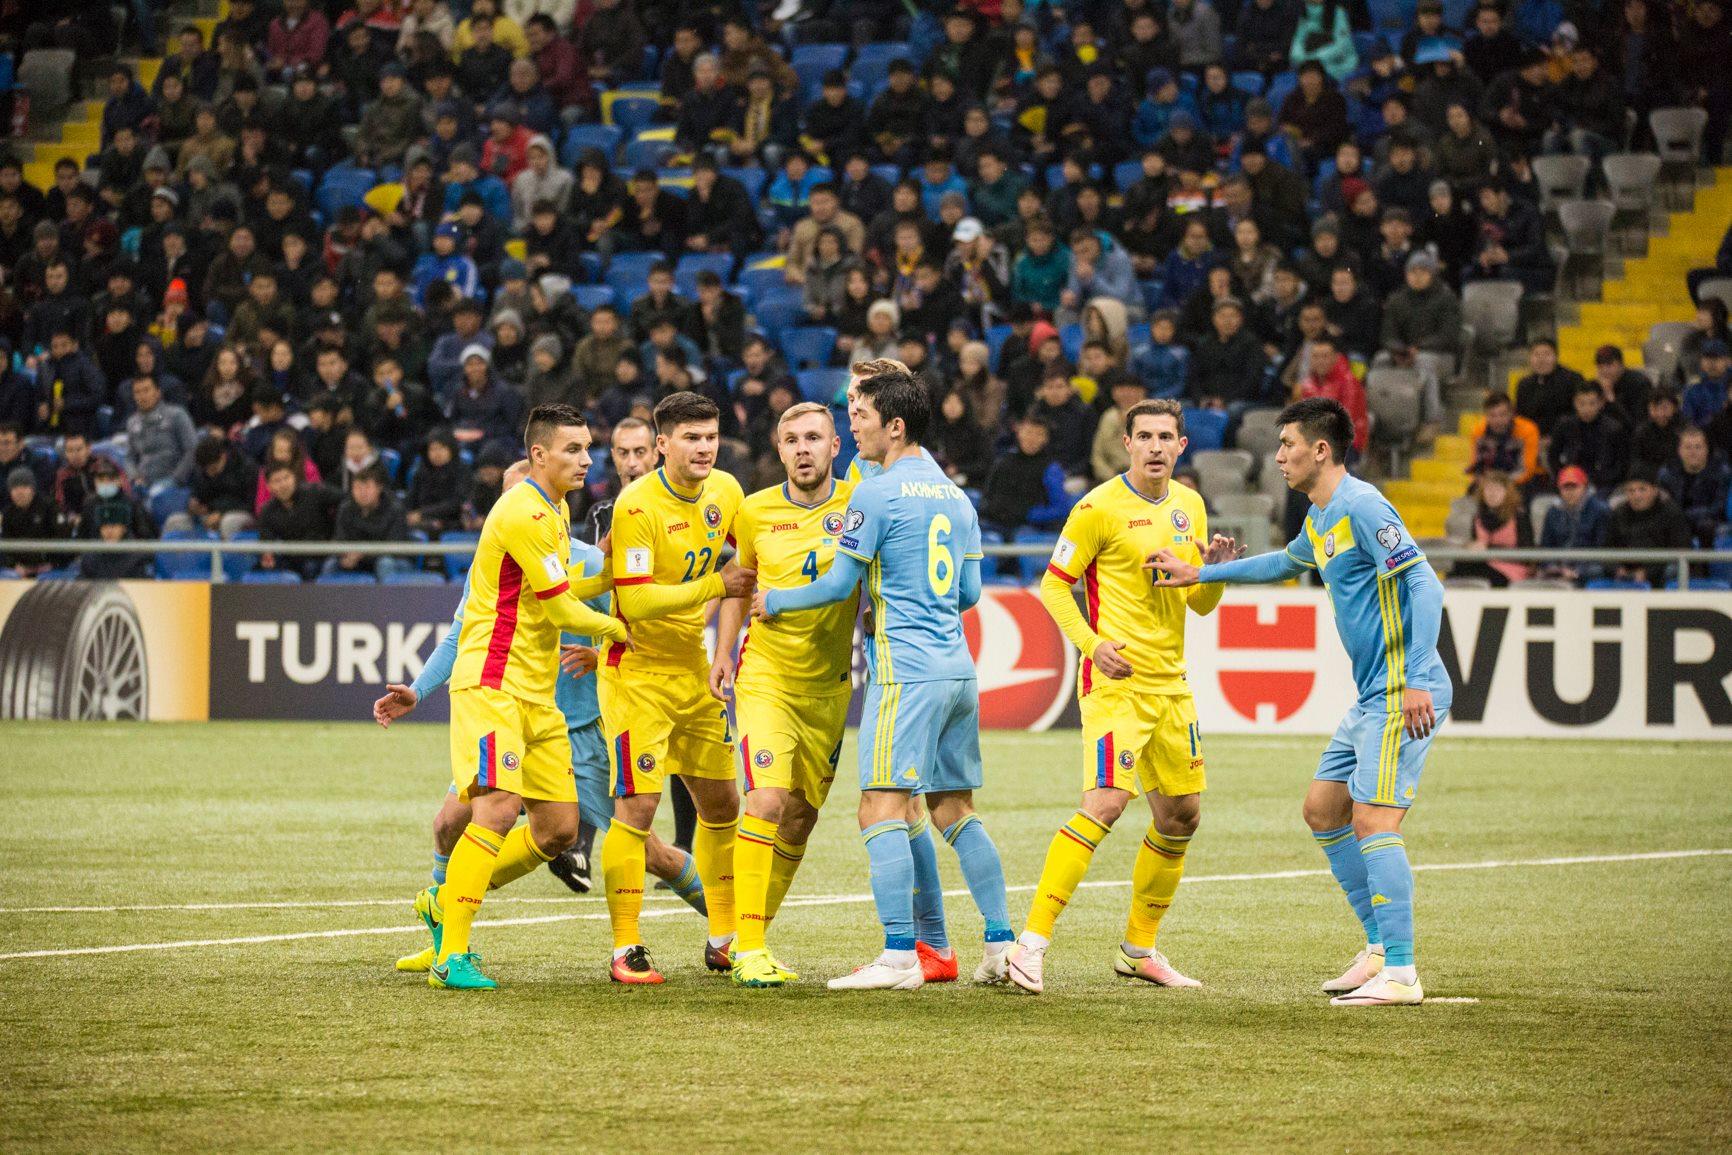 România a remizat în Kazahstan, 0-0 în preliminariile CM 2018, la capătul unui meci în care gazdele au jucat dur, peste limita regulamentului. Alex Chipciu, Dragoș Grigore și Cristi Săpunaru au părăsit terenul accidentați.